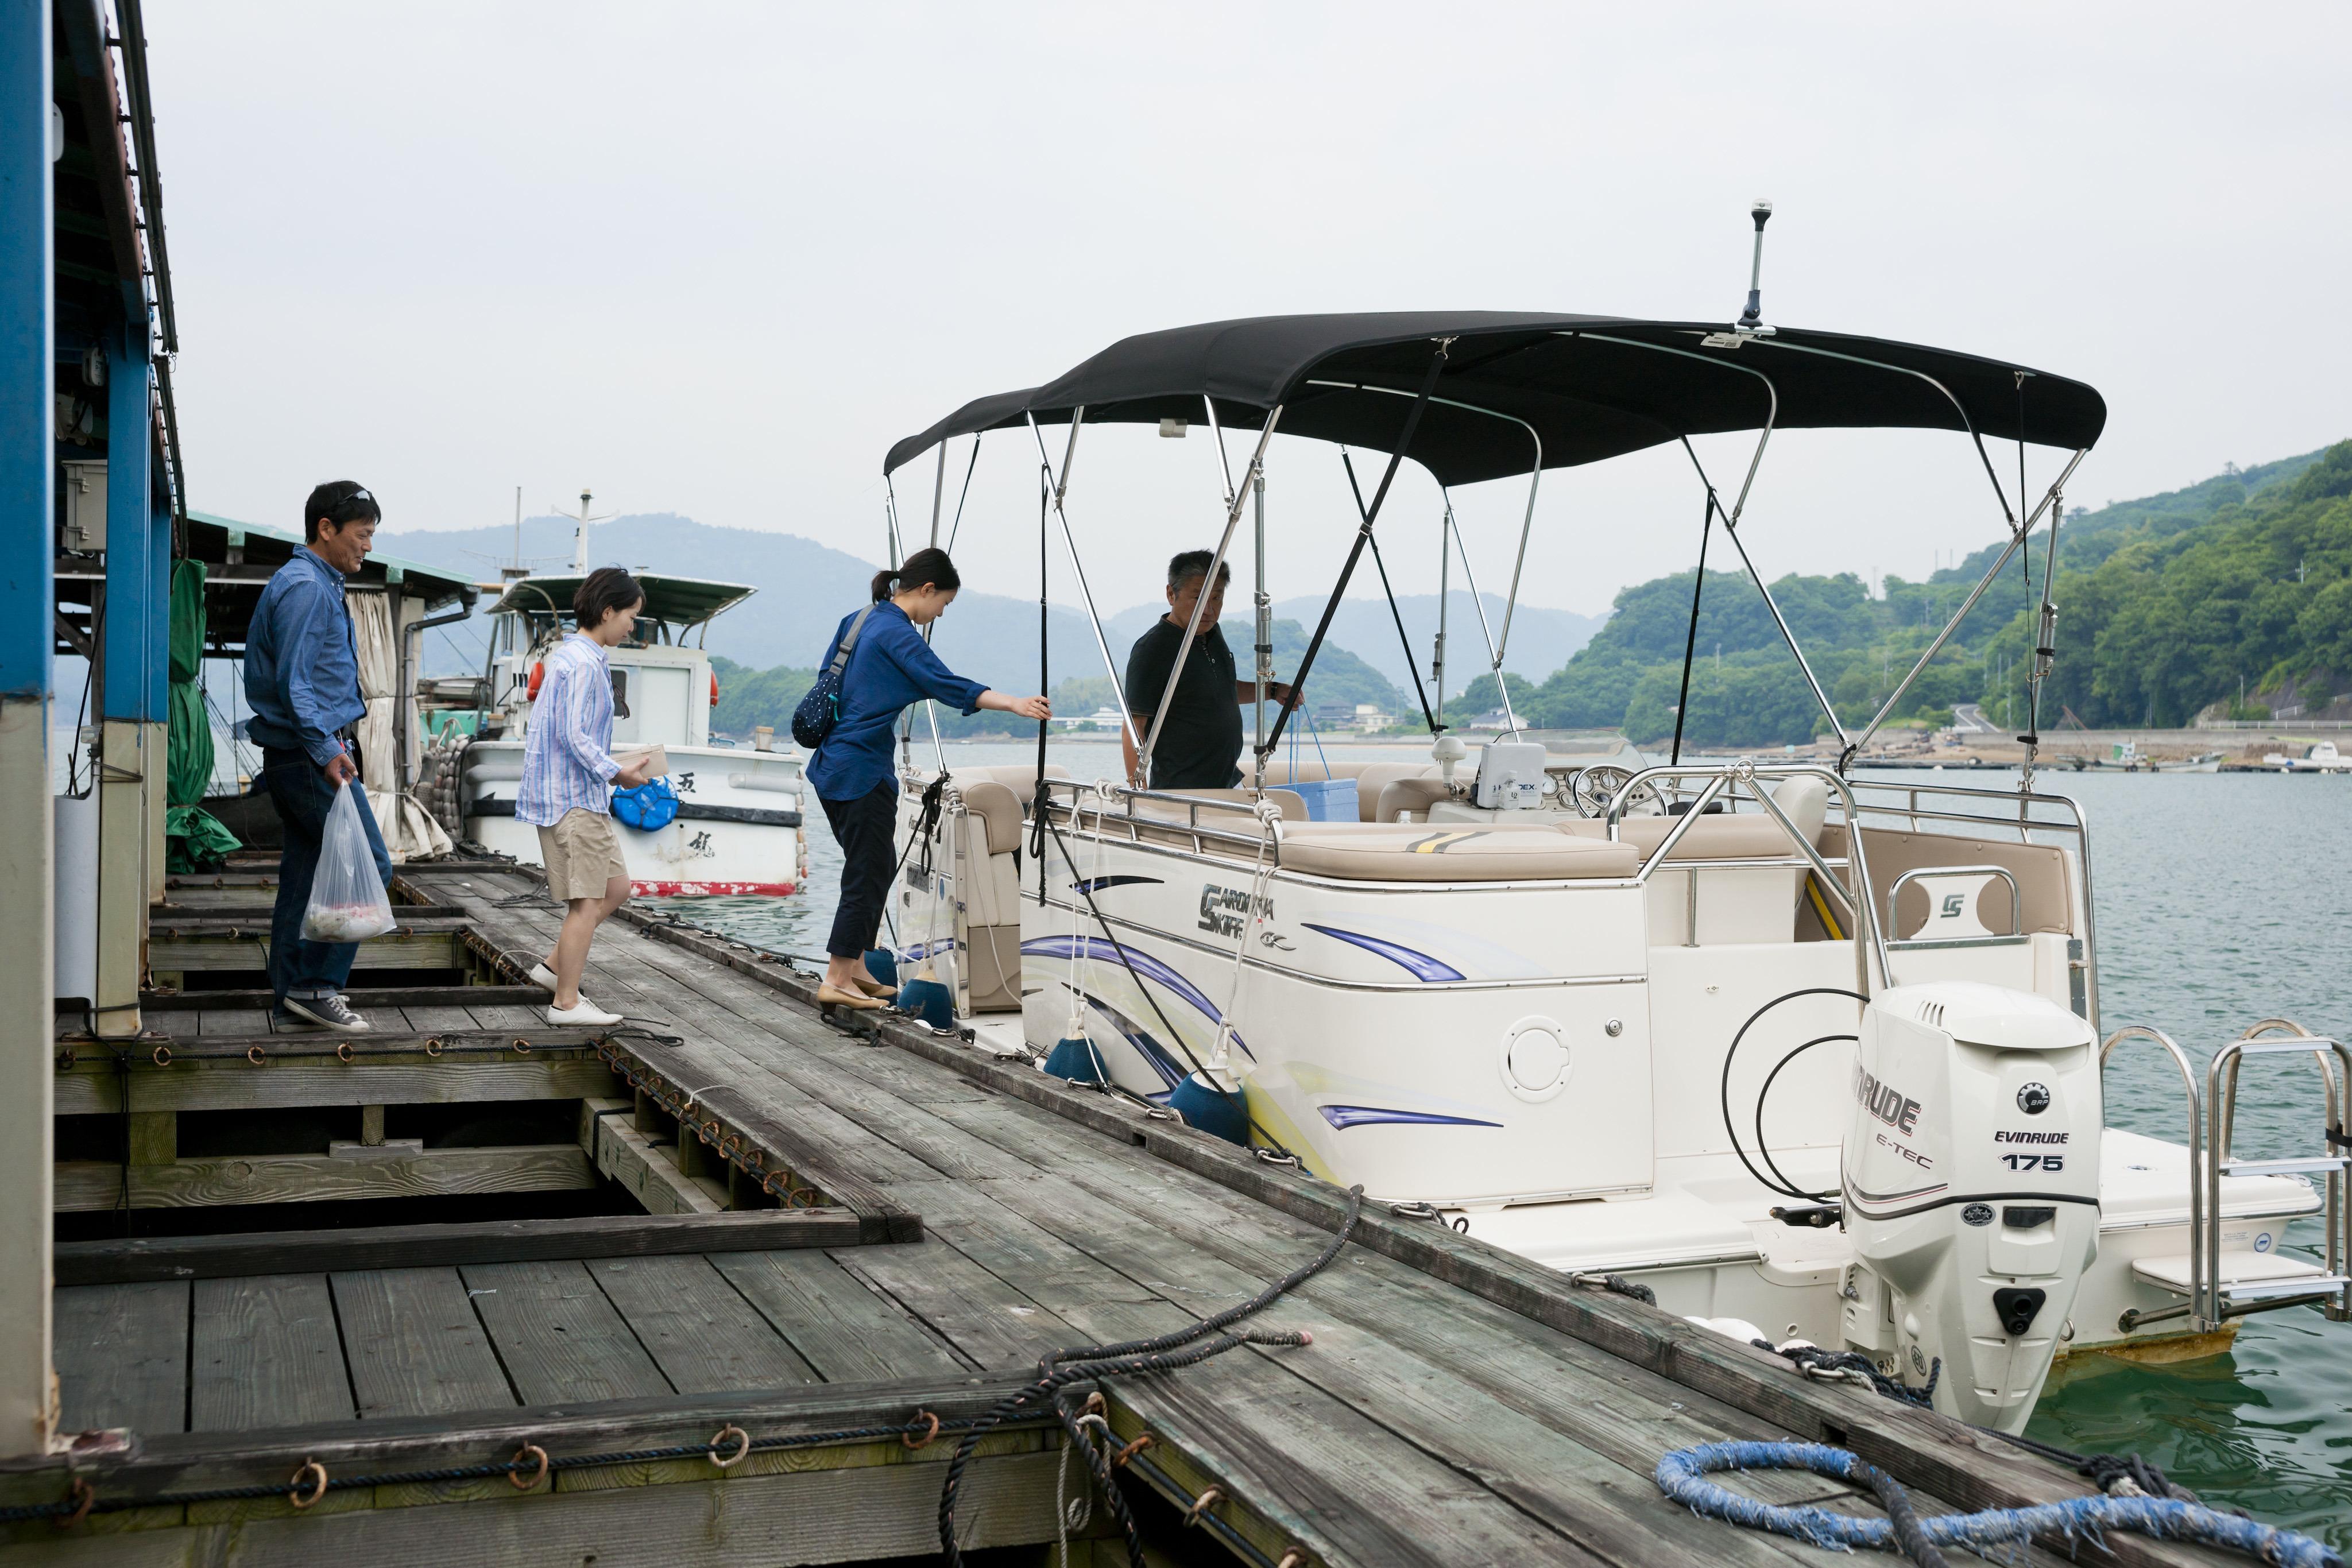 瀬戸内の水上マーケットでお魚を買い付け、尾道の山手に佇む洋館に滞在。夏の瀬戸内へ、特別な体験をする旅にでかけませんか。/せとうち 湊のやど